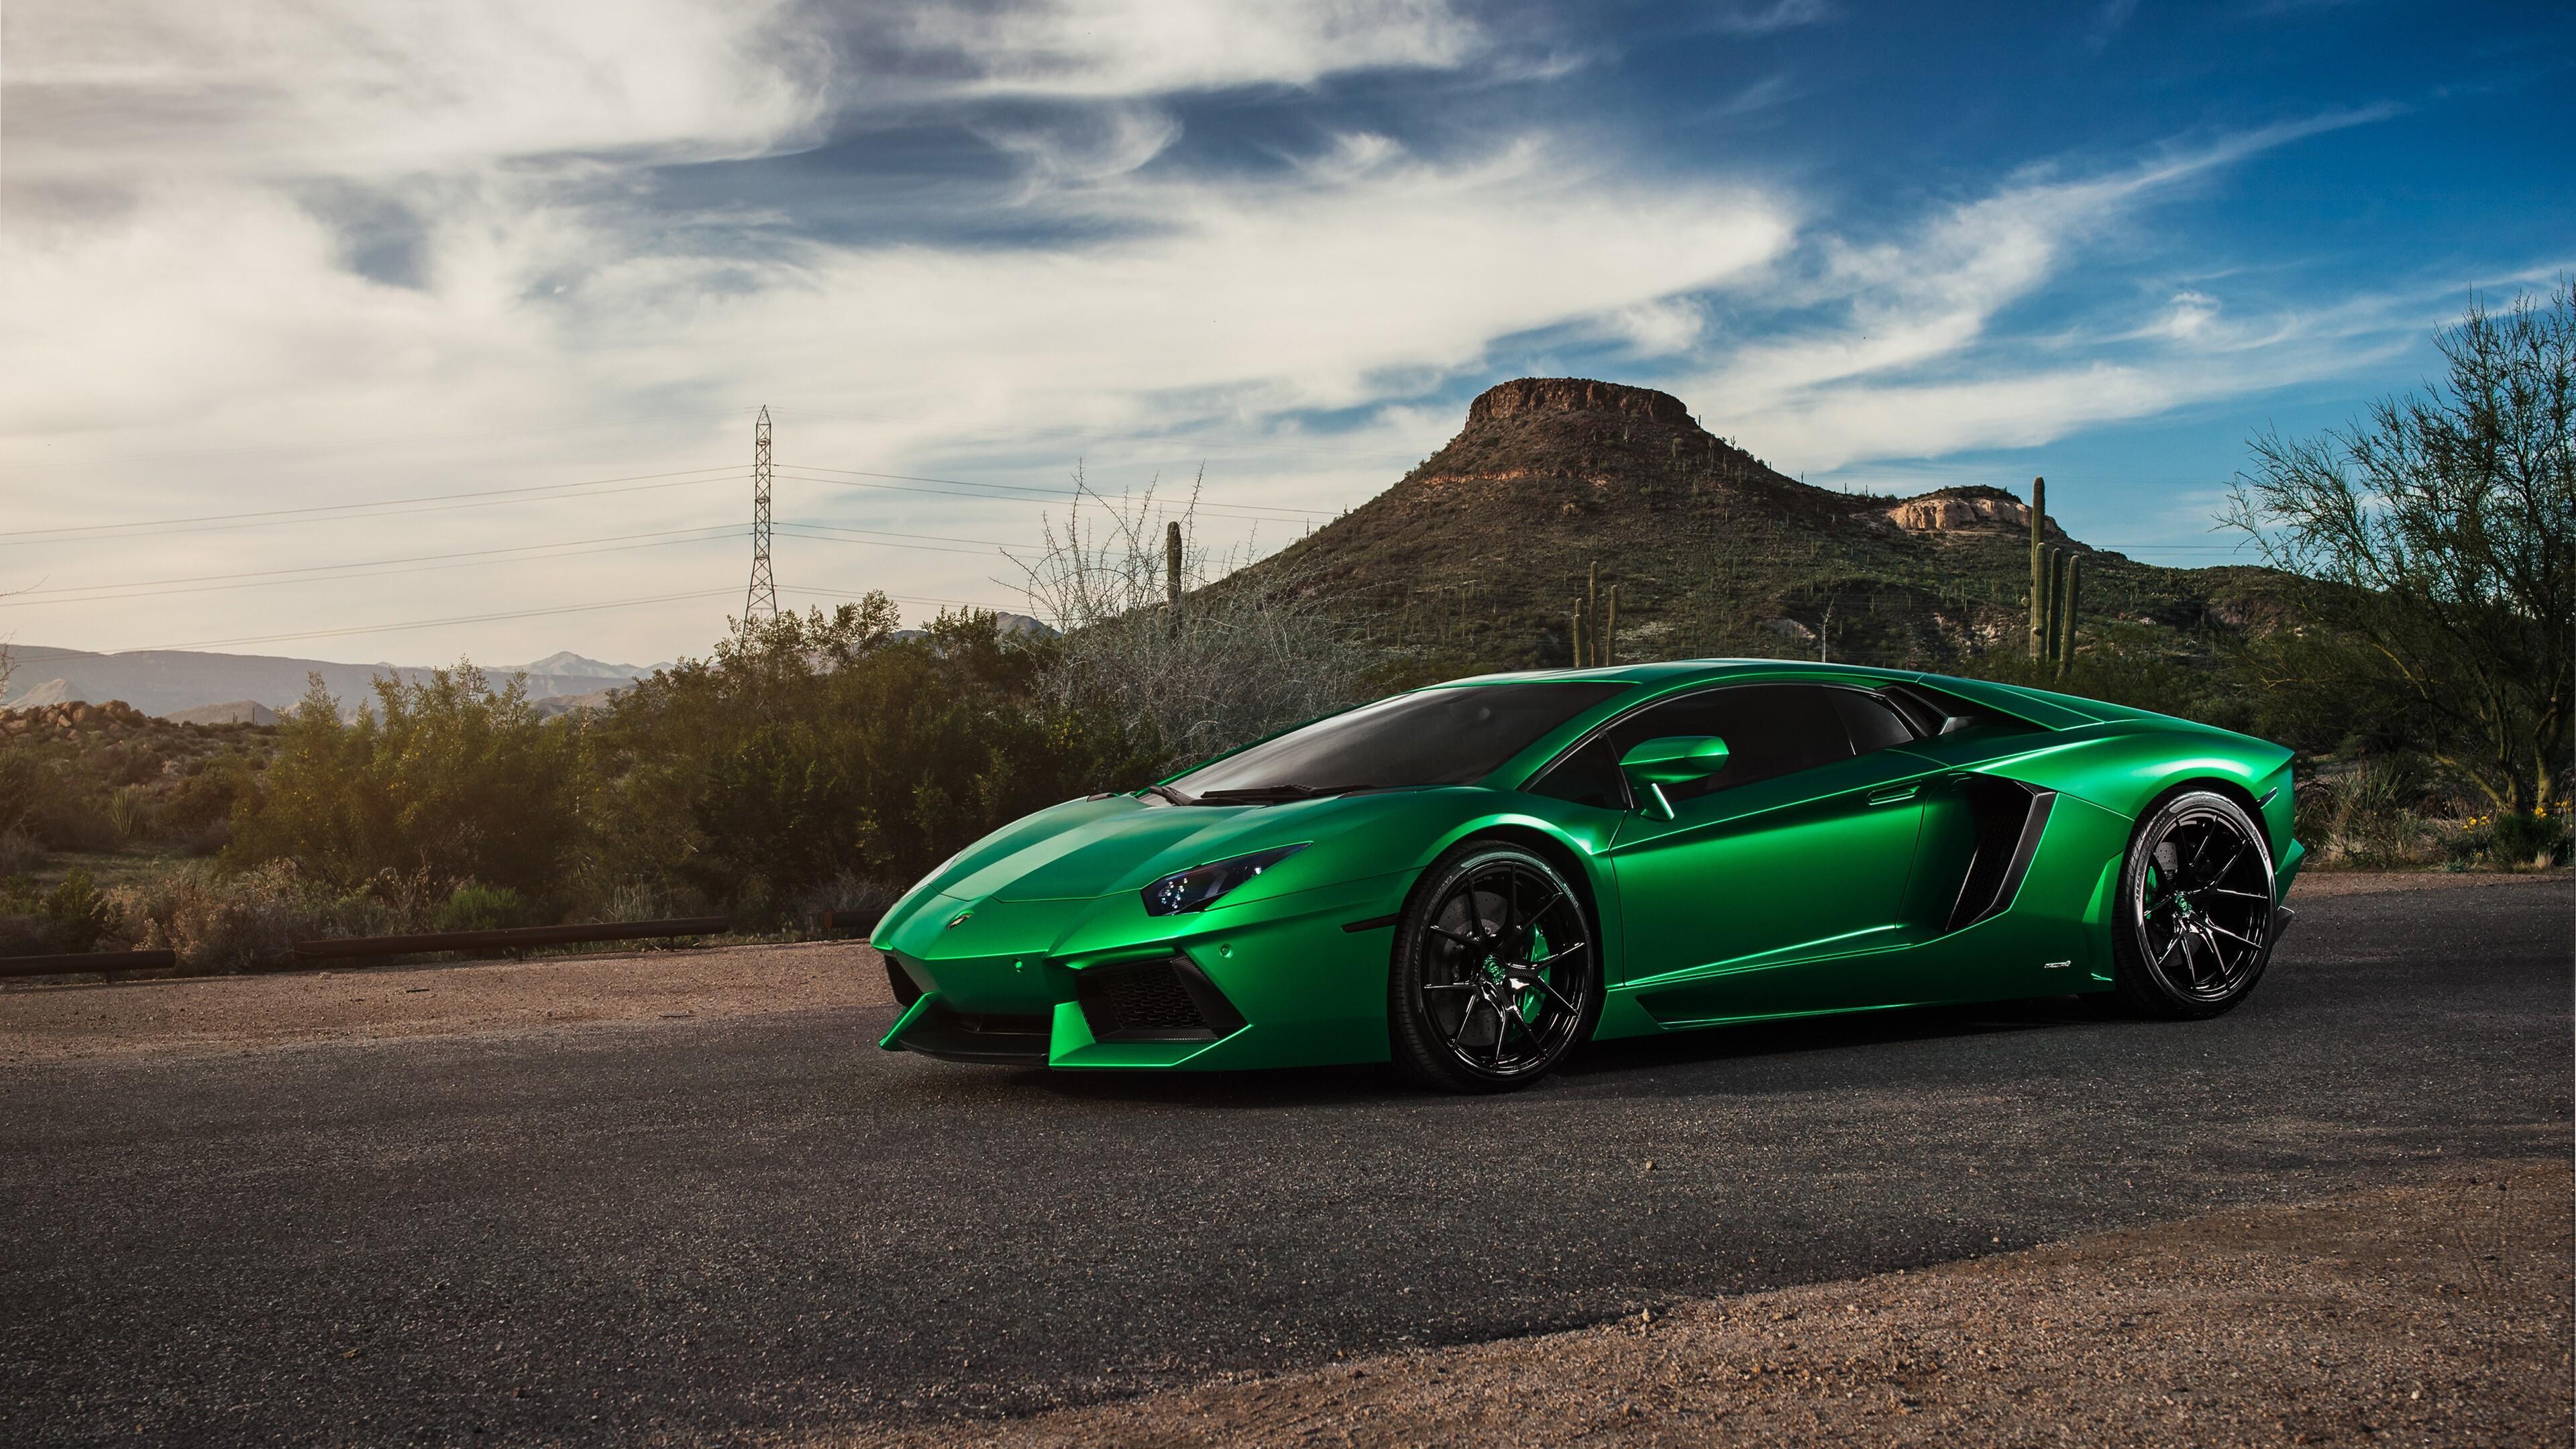 спортивный зеленый автомобиль Lamborghini  № 2996257 без смс